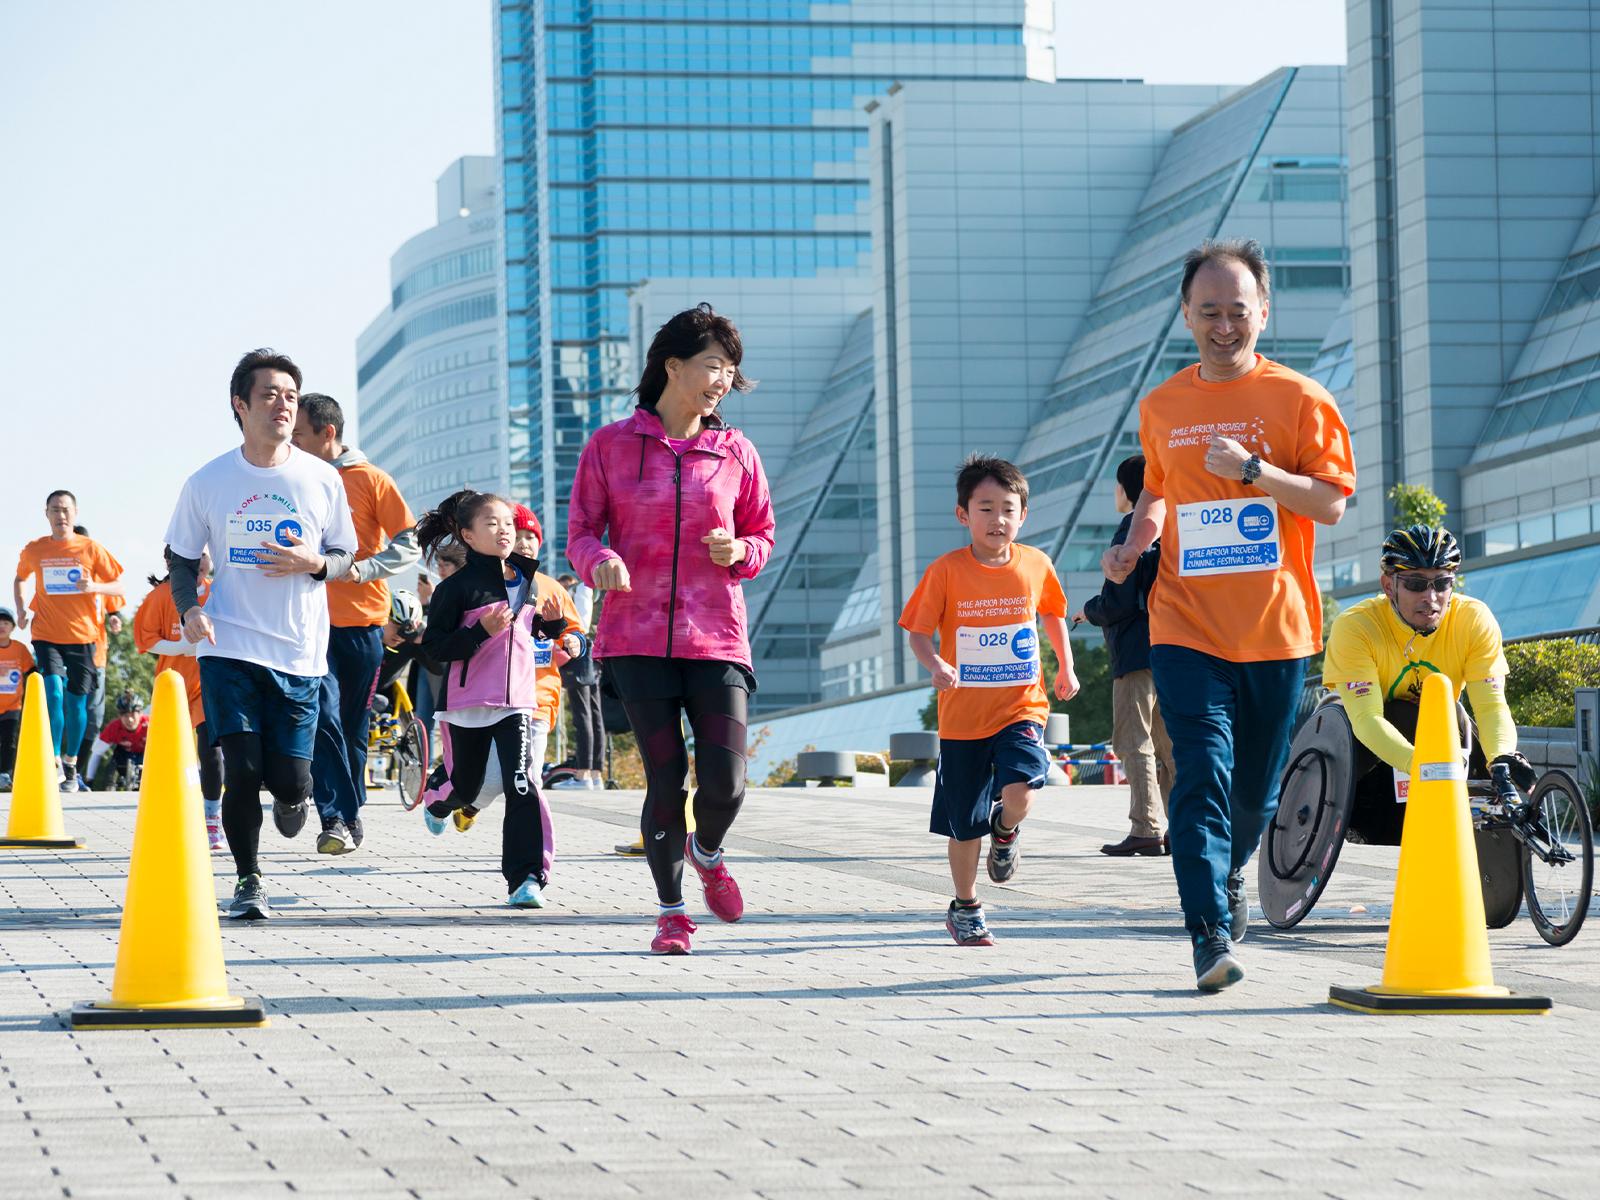 毎年秋の恒例となったランニングイベント。今回は東京臨海広域防災公園で開催します。もちろん、高橋尚子さんも参加。車いすランナーたちもいっしょに走ります(写真は2016年に開催したときのもの。©Hiroshi Ikeda)